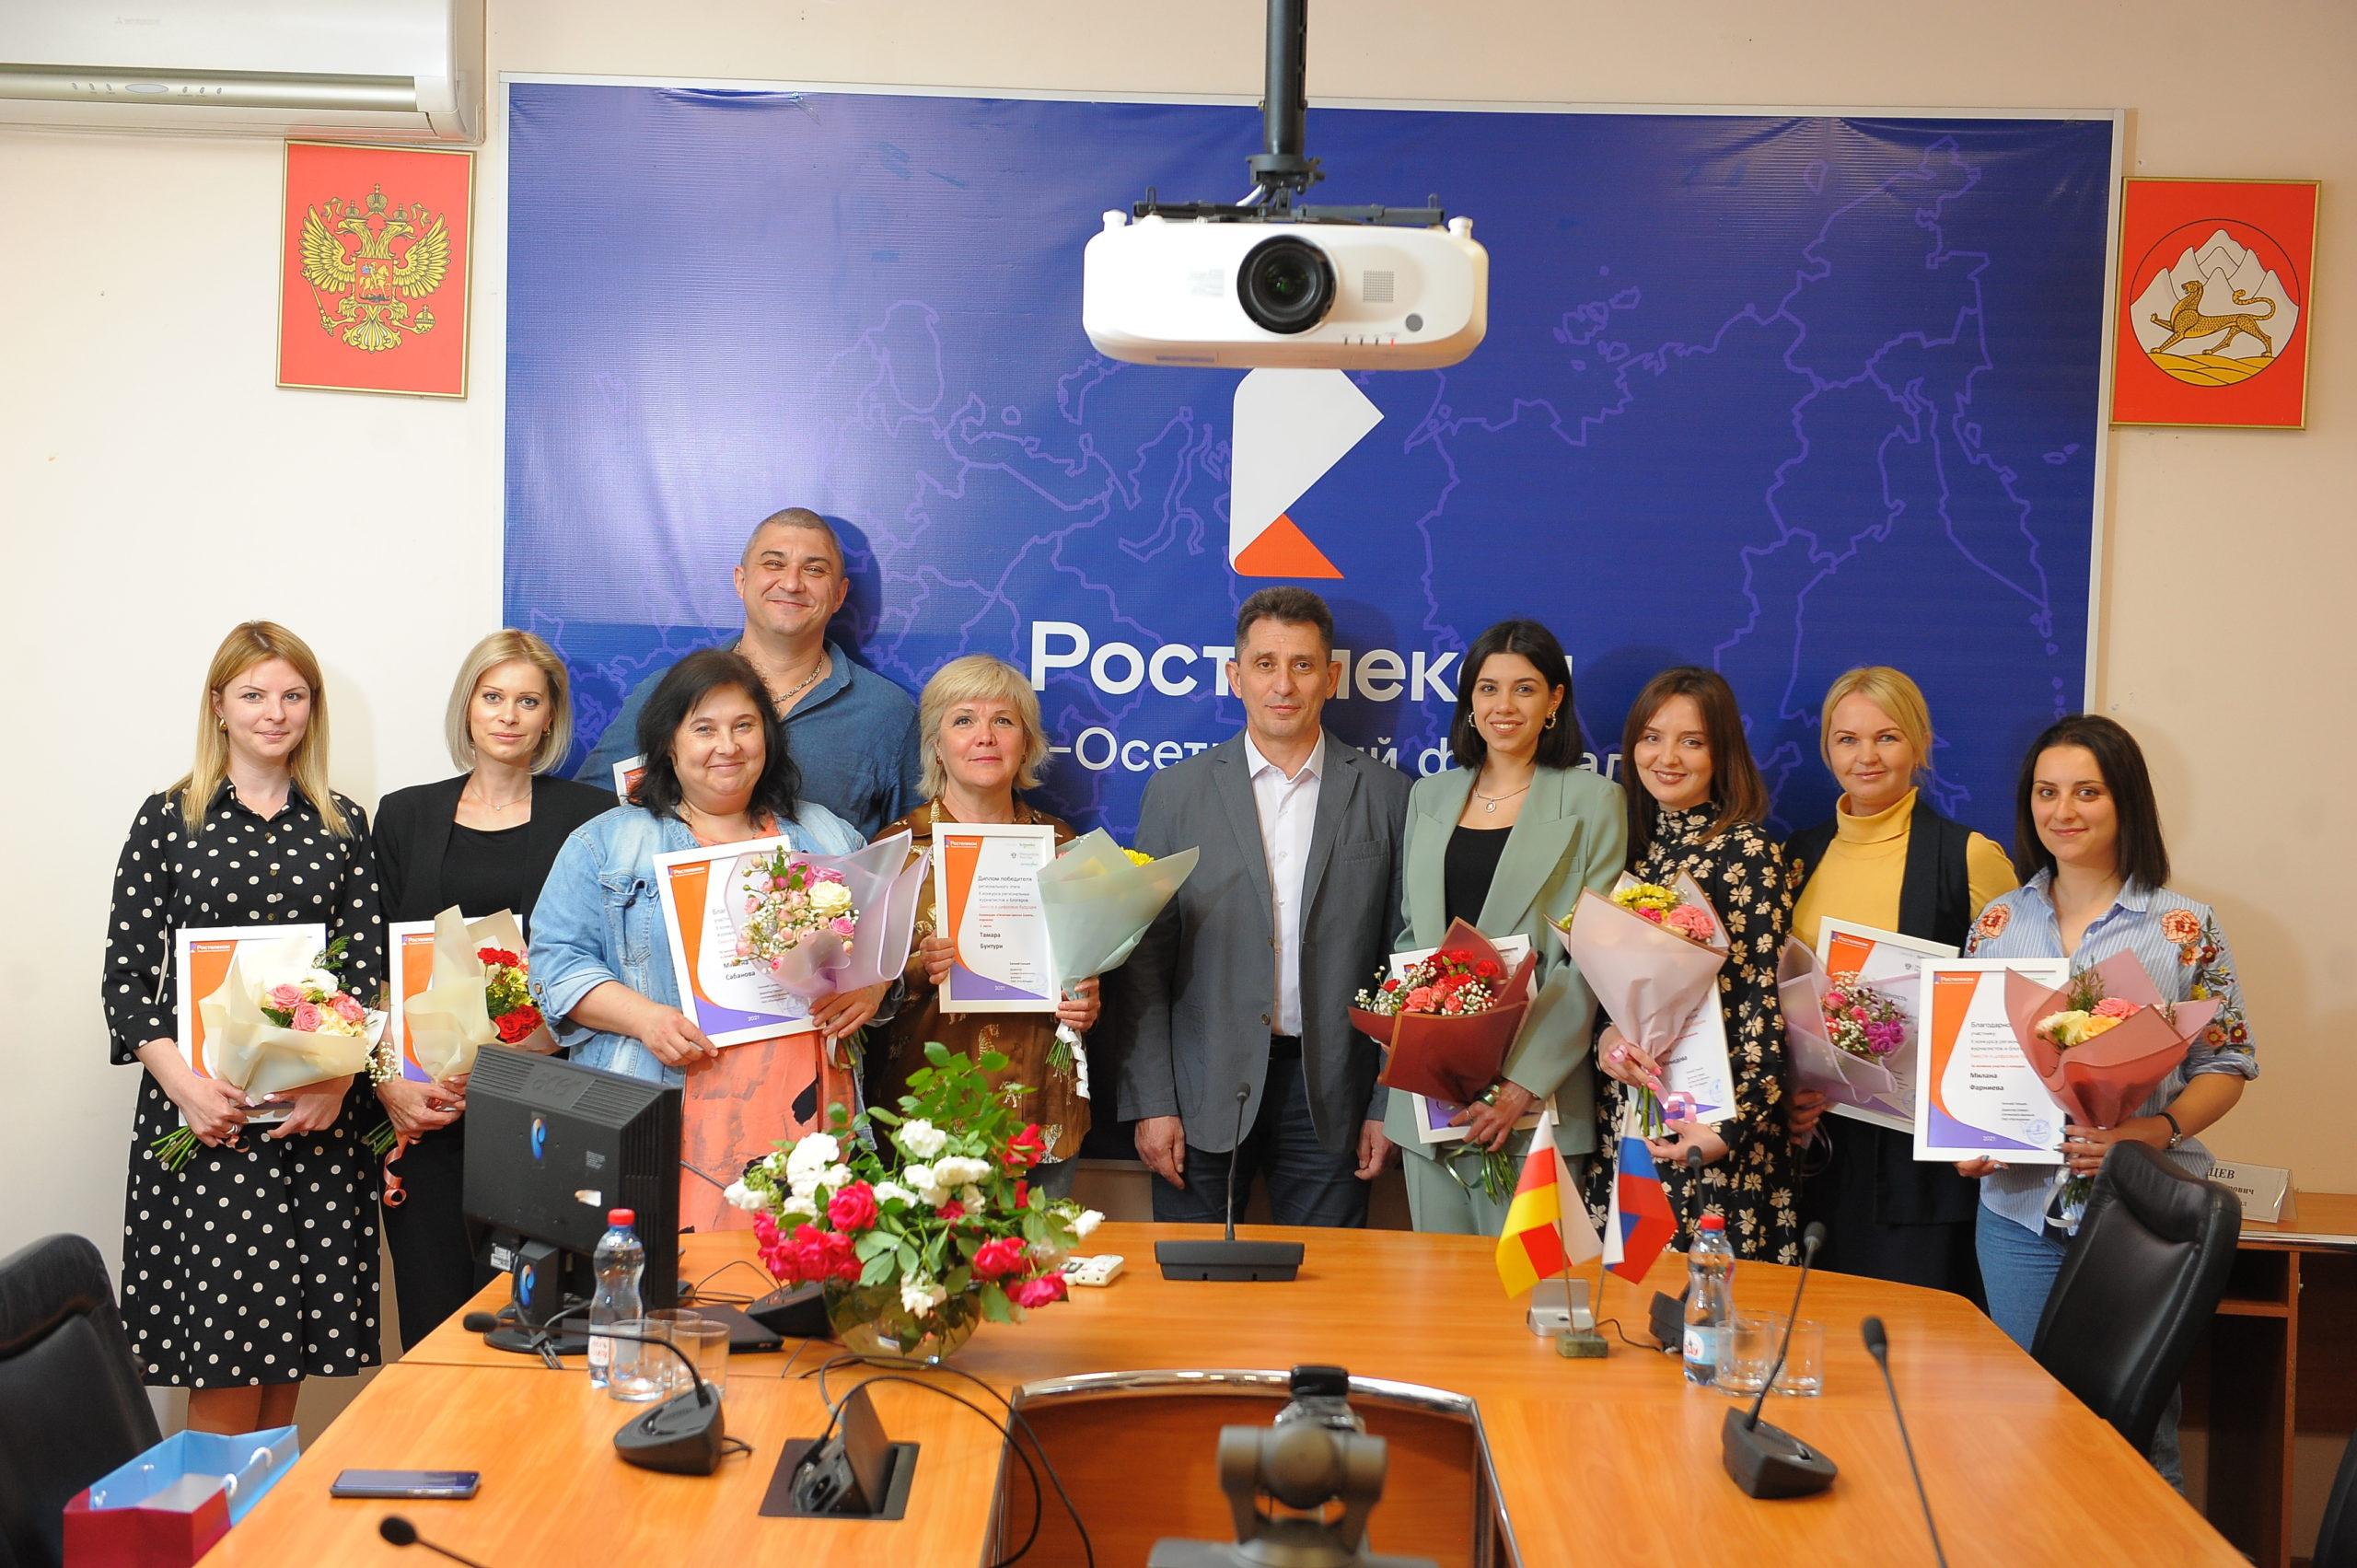 Вместе в цифровое будущее»: юбилейный конкурс для журналистов «Ростелекома» собрал рекордное количество работ